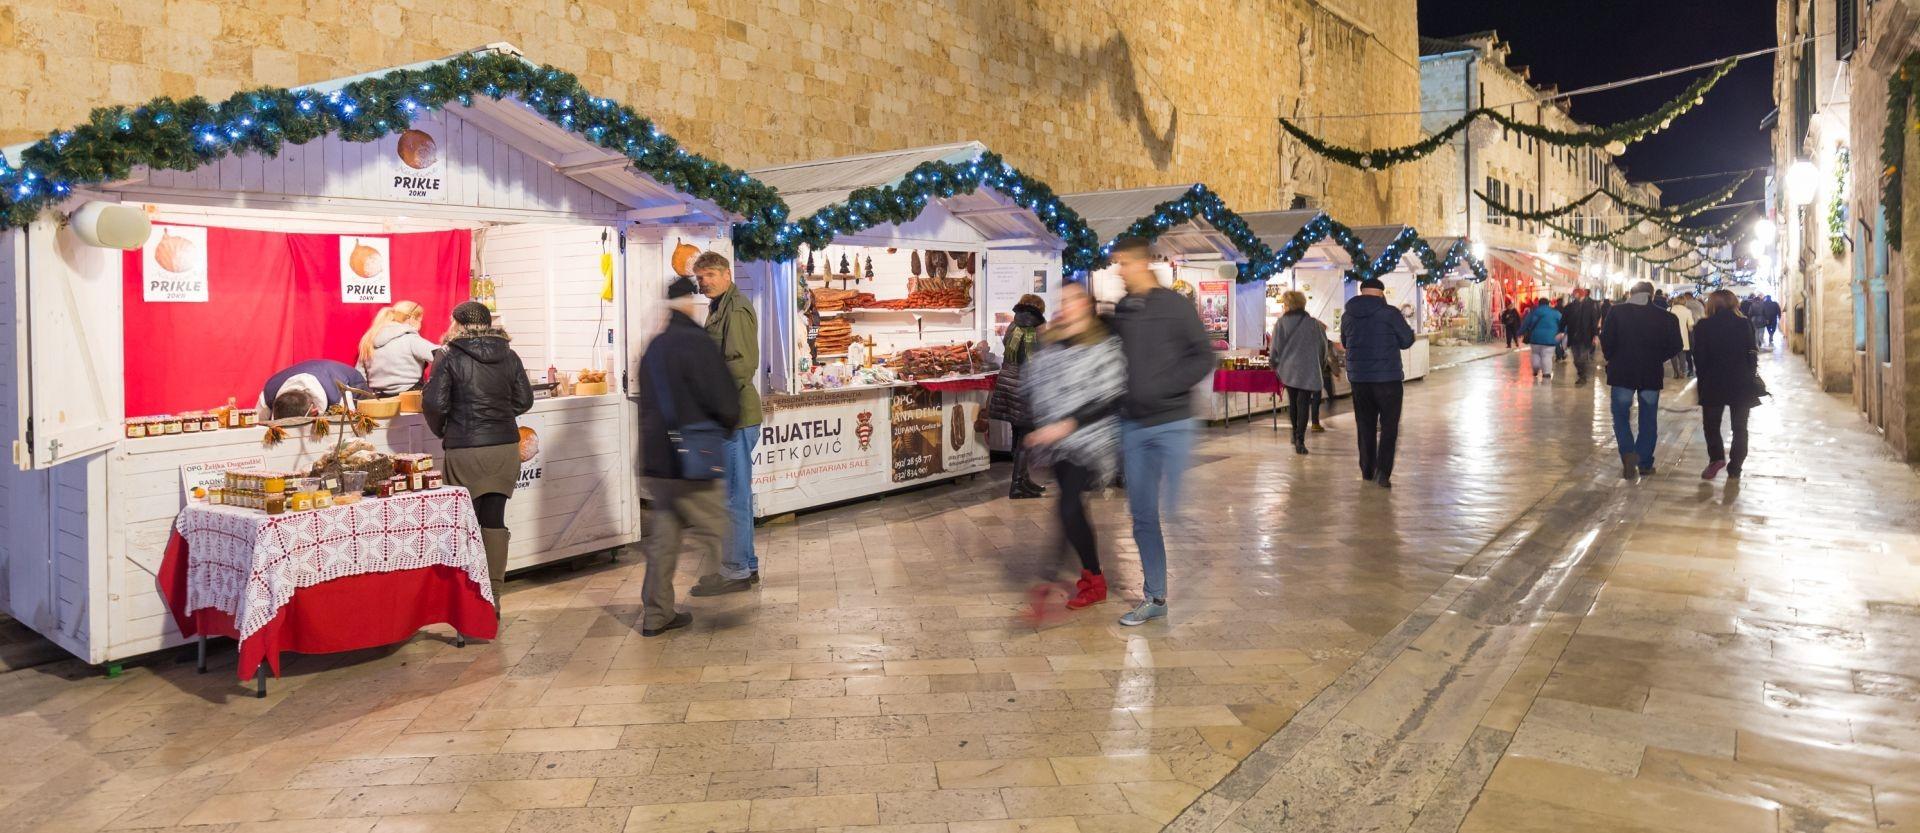 VIDEO: Božićni sajmovi u europskim metroplama